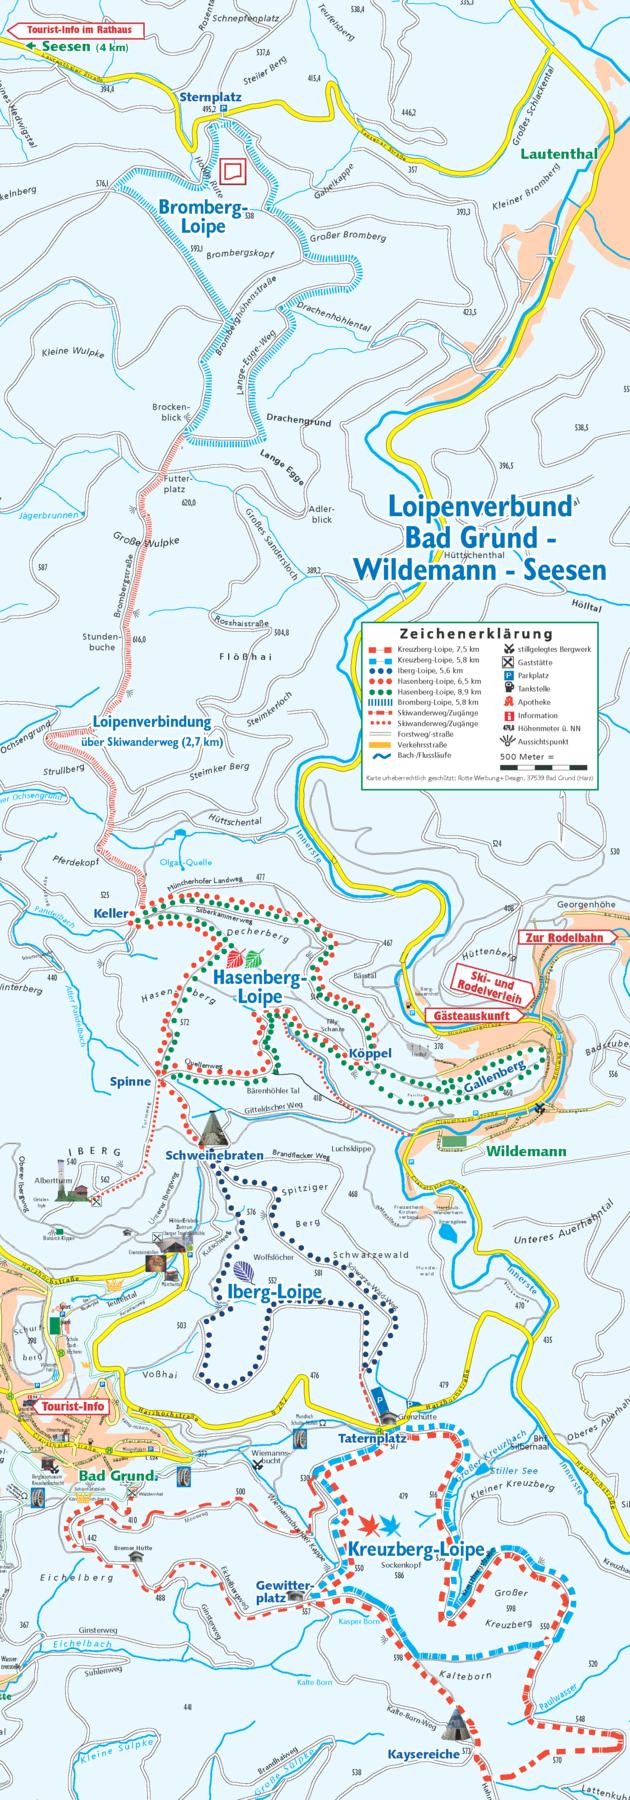 Kartographie Loiepnverbund